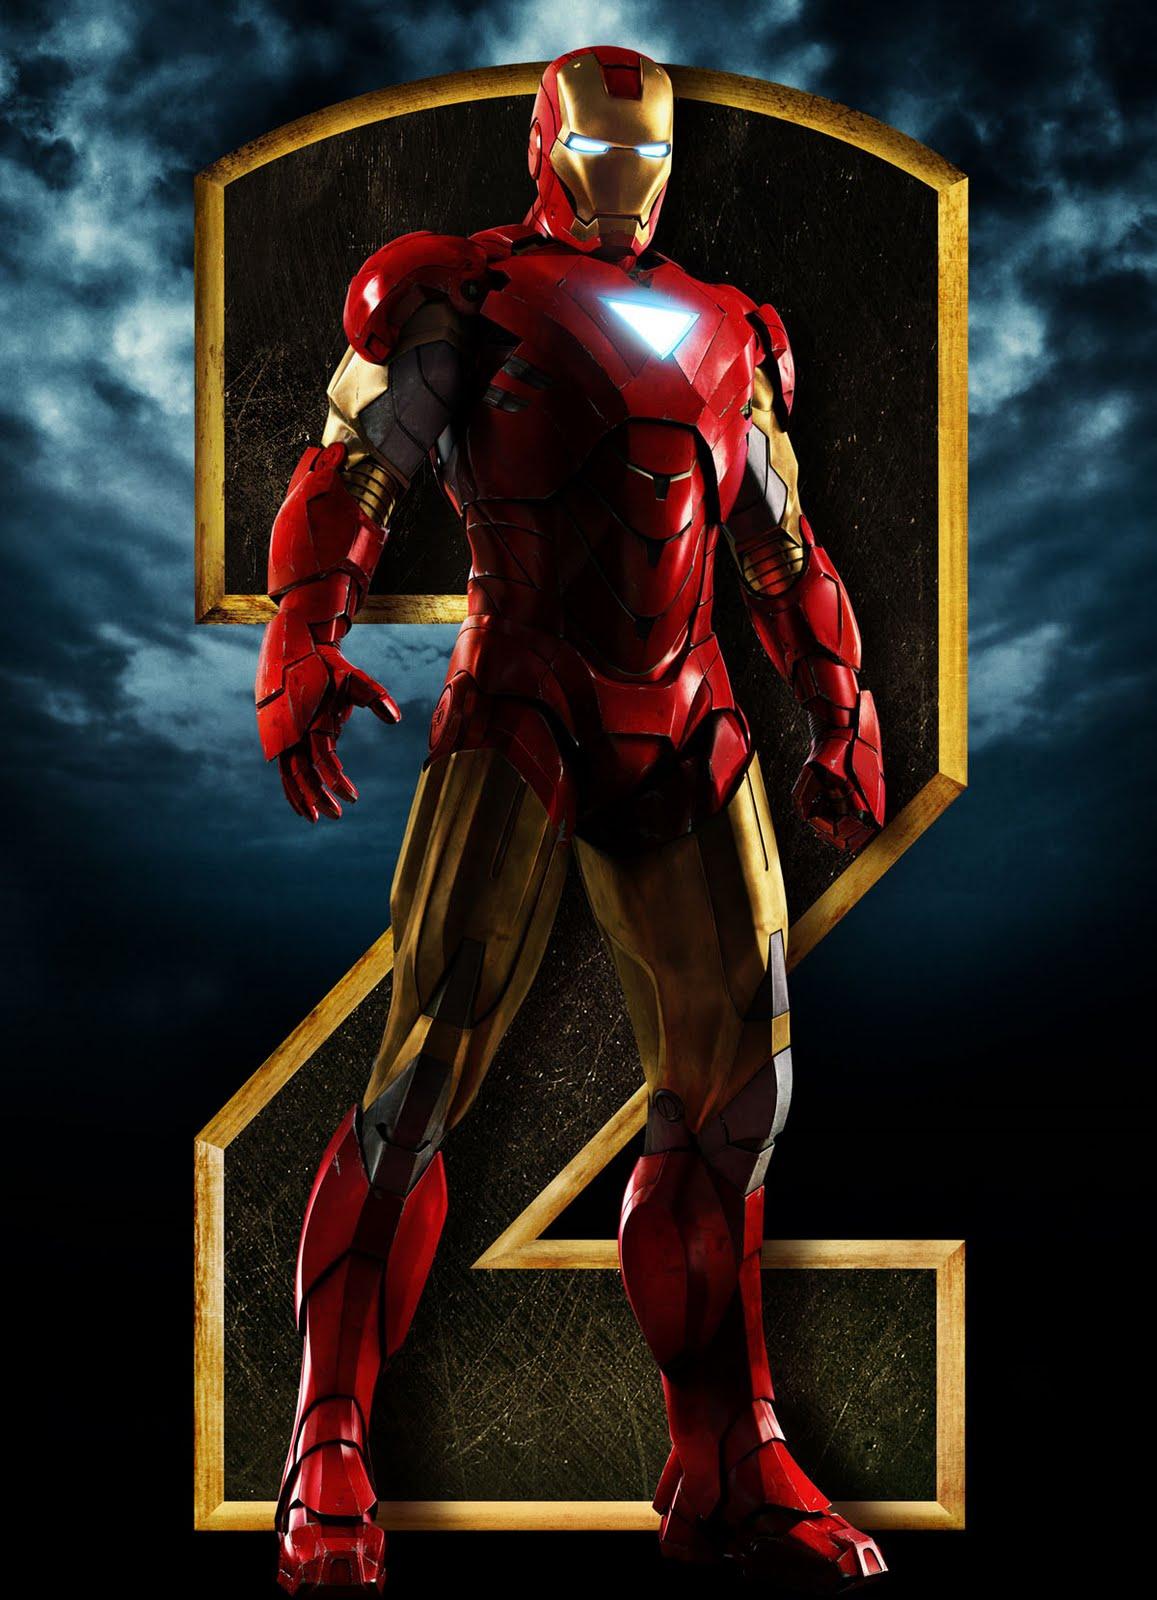 http://4.bp.blogspot.com/_K3hKxrxQGBk/TAzVucU41XI/AAAAAAAAMic/ZPiPBK6Xvk0/s1600/iron-man-2-1.jpg